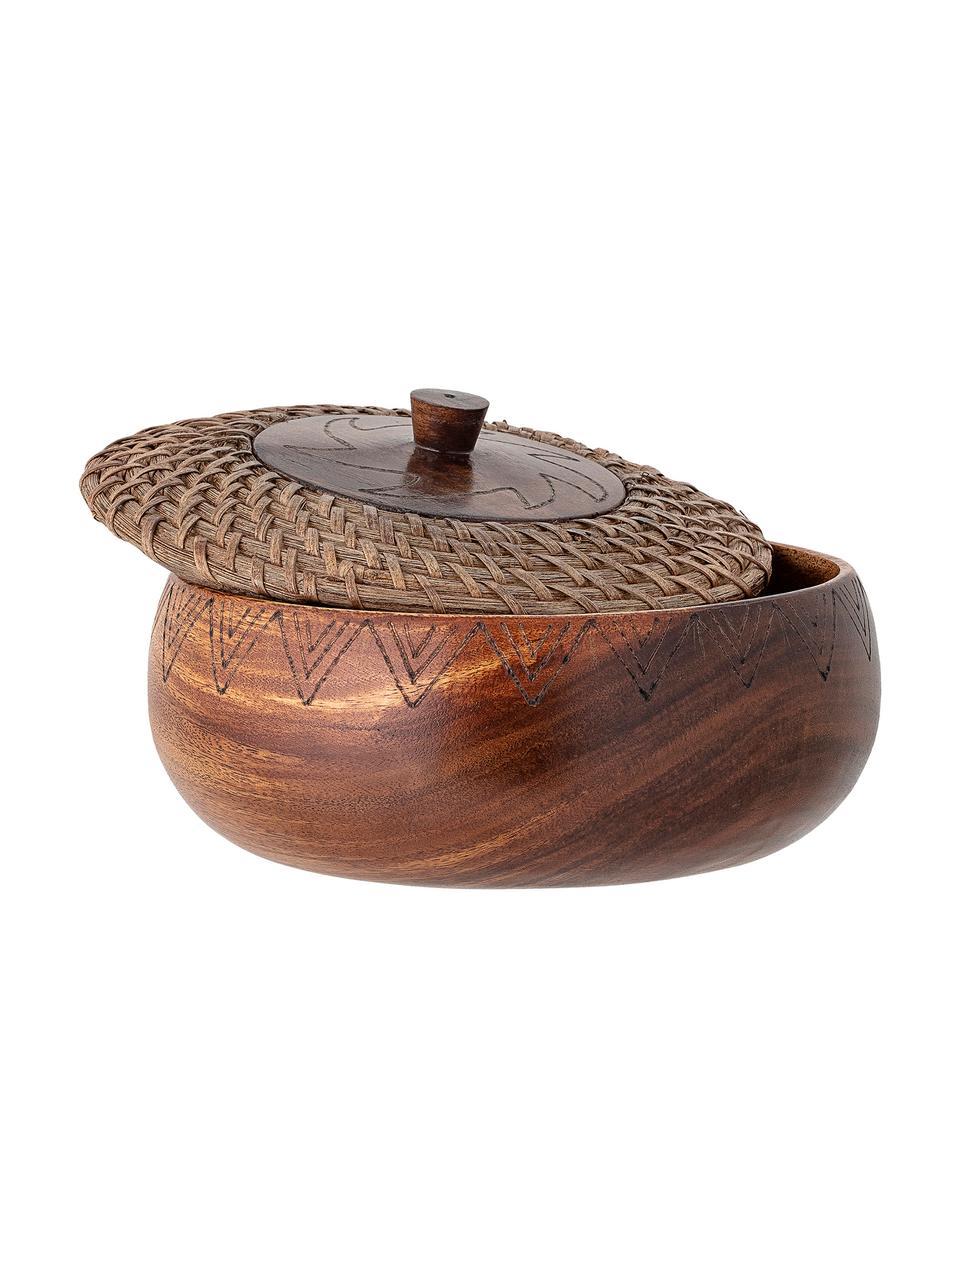 Duża miska z drewna akcjowego Femke, Drewno akacjowe, olejowany, rattan, Brązowy, Ø 24 cm x W 10 cm